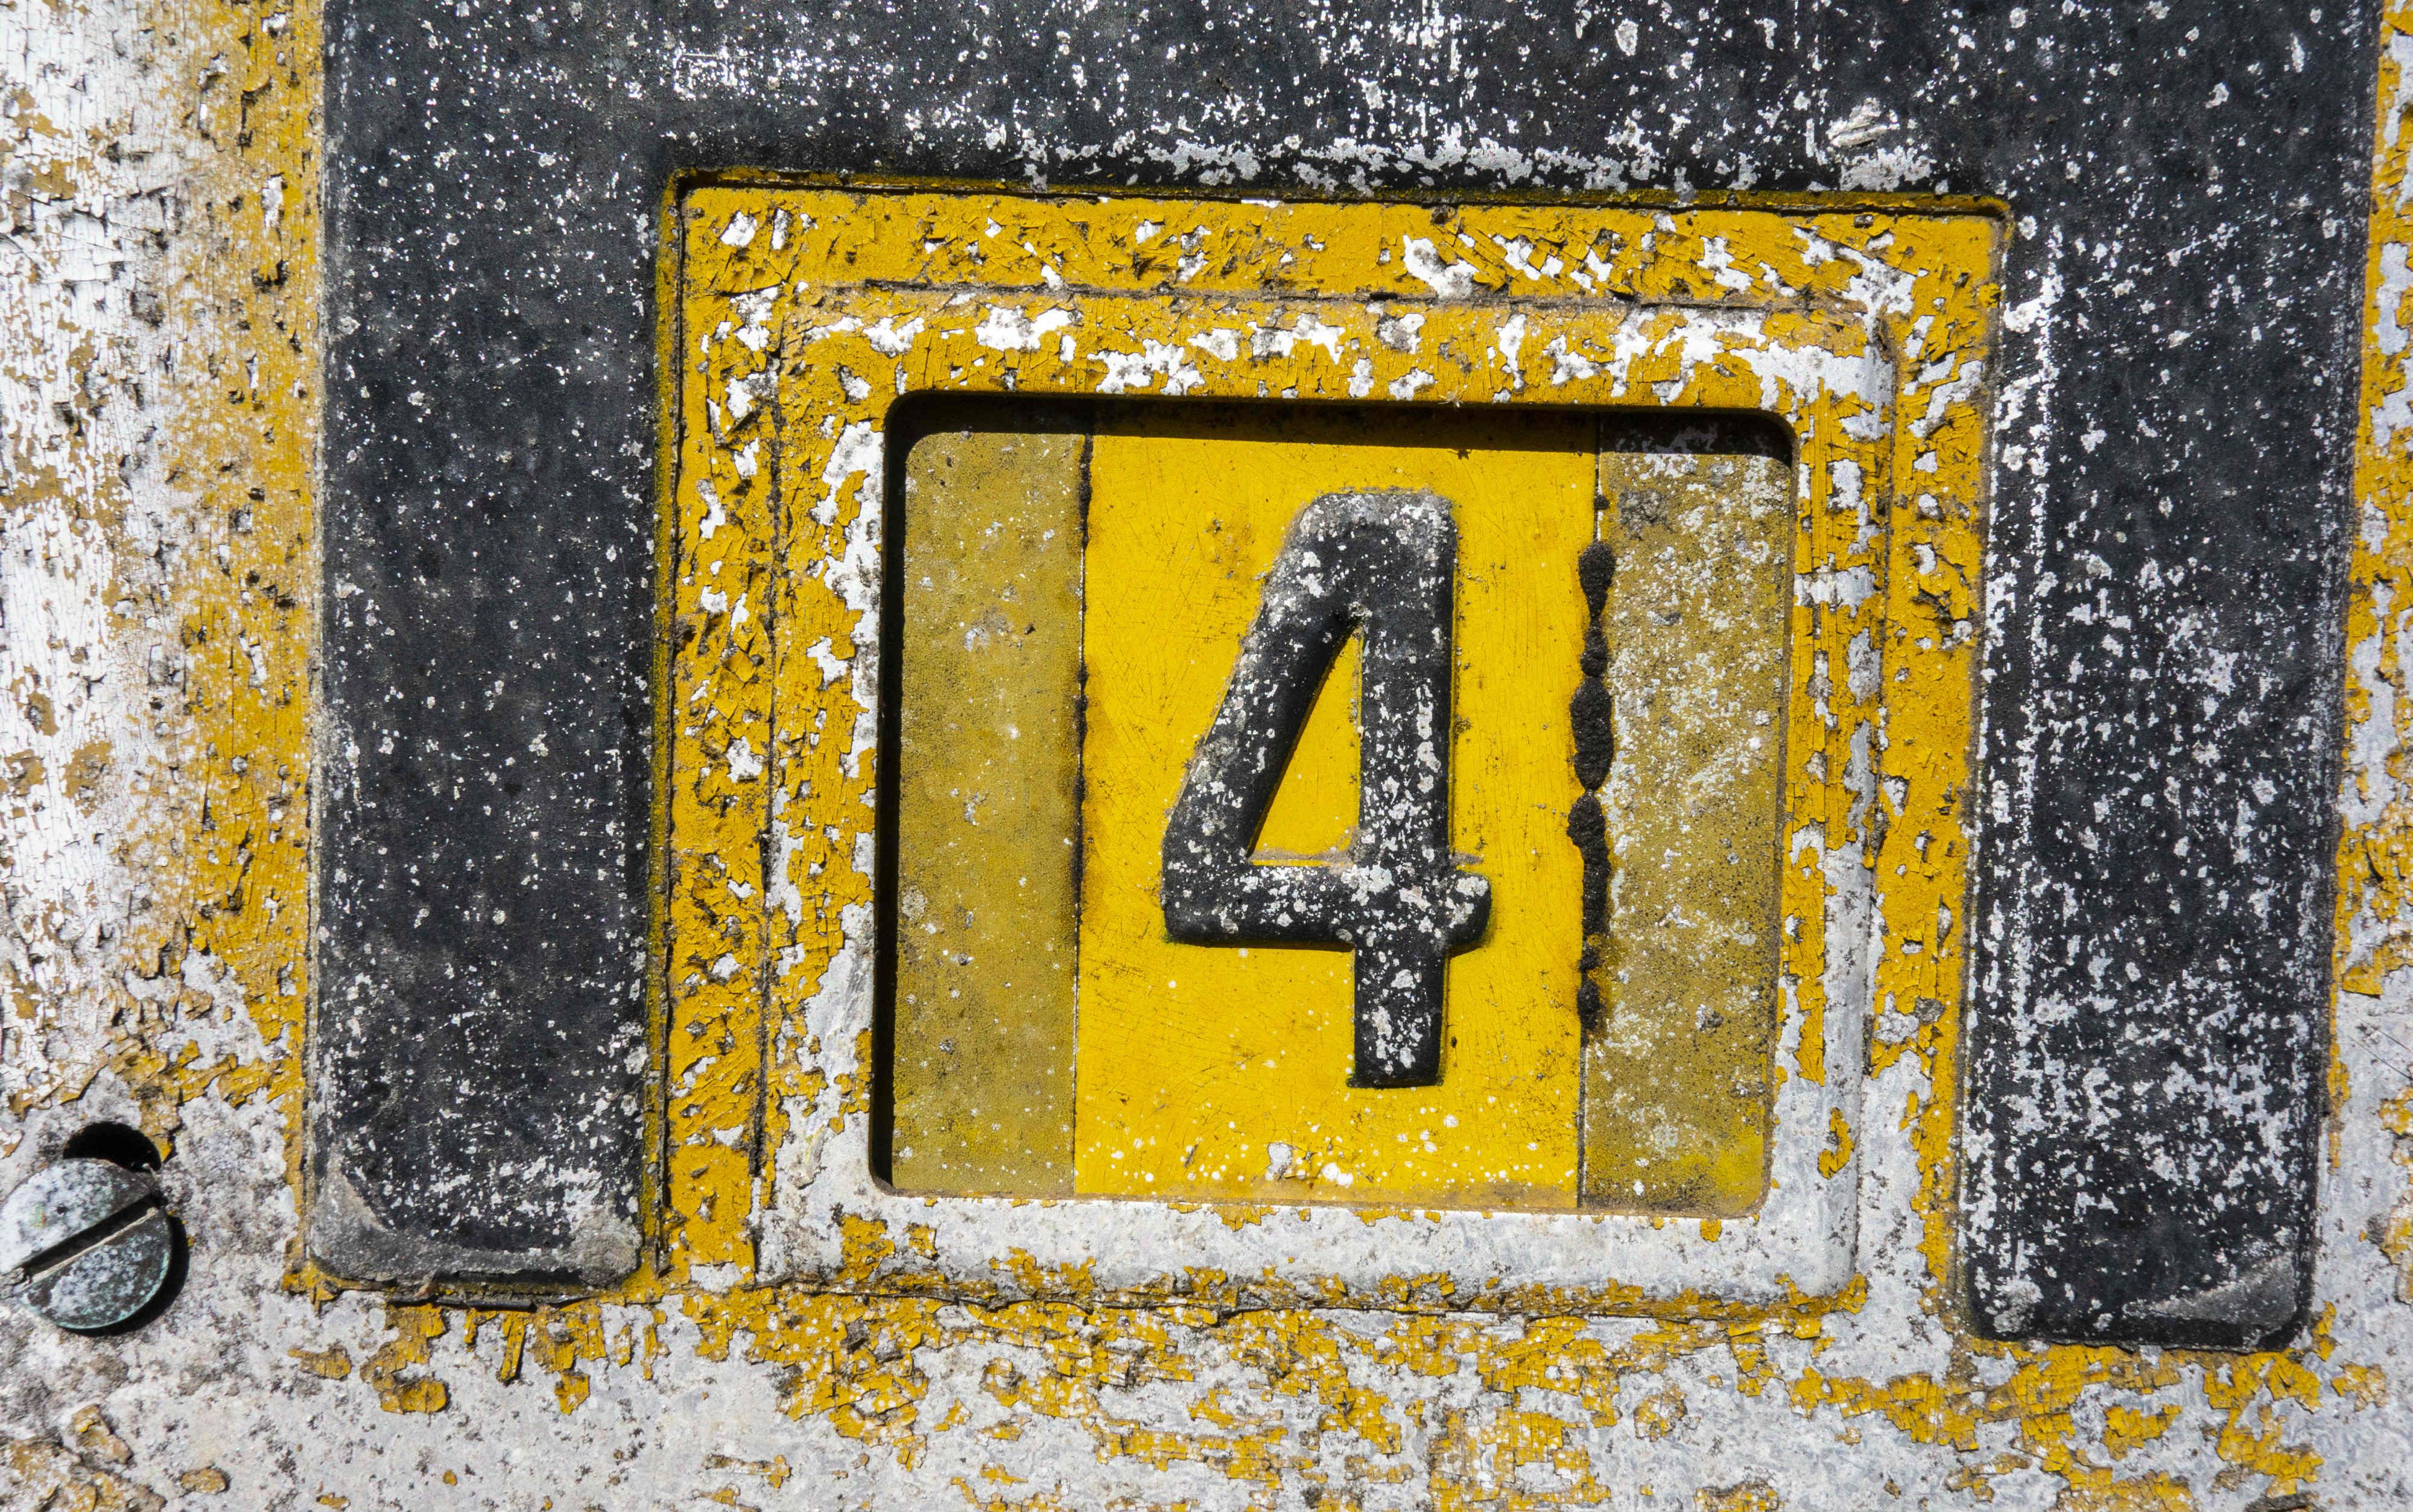 携帯乗り換え(MNP)の必要書類は4種類